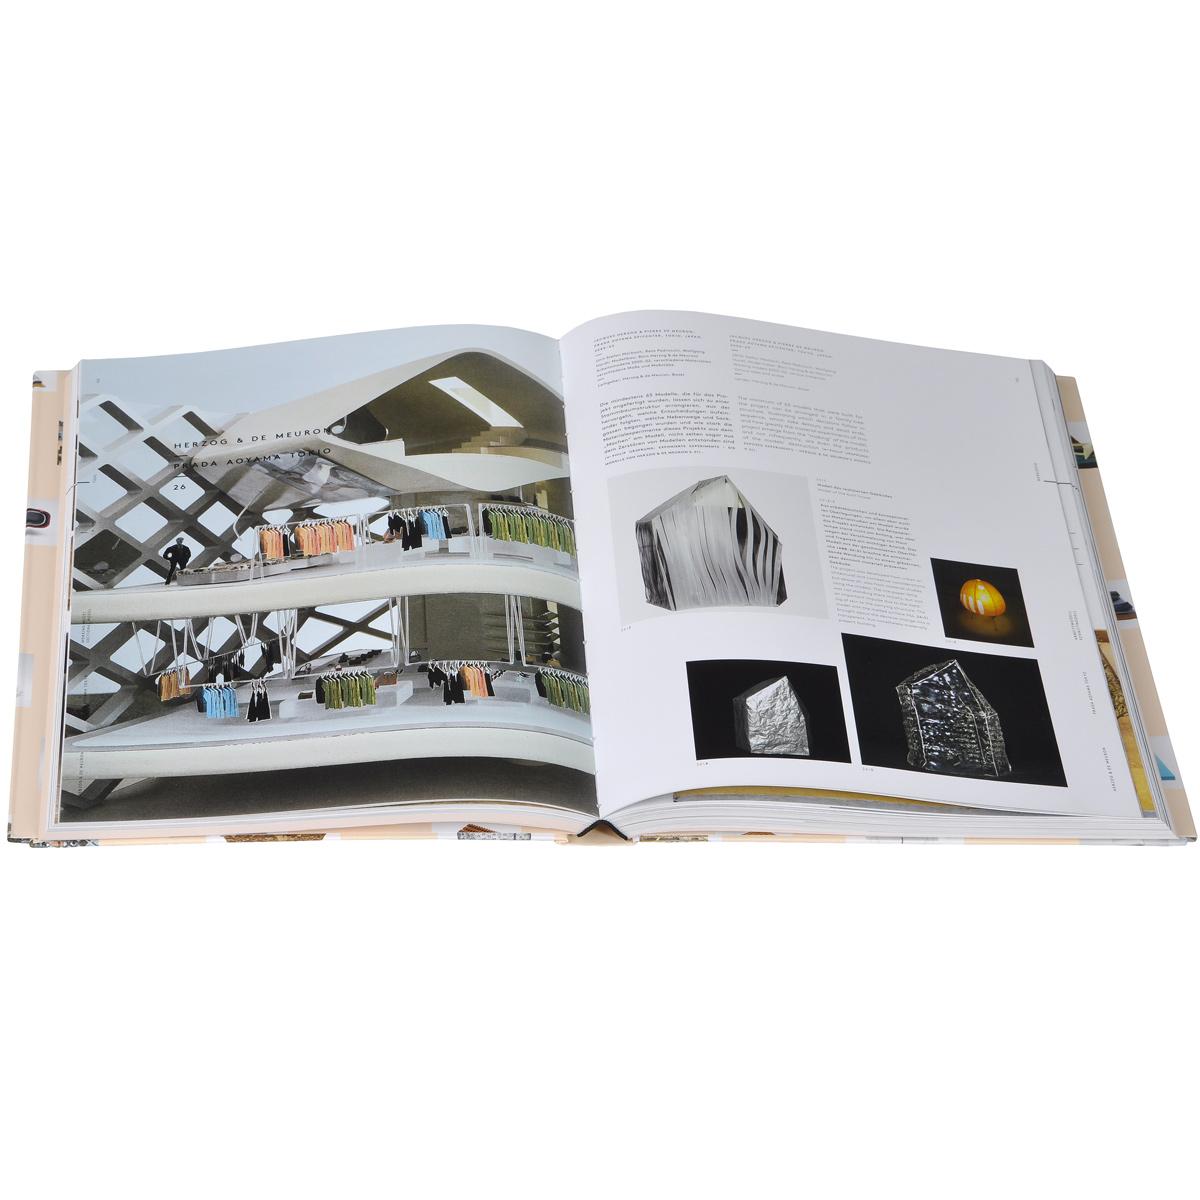 The Architectural Model: Tool, Fetish, Small Utopia / Das arcitektur model: Werkzeug, Fetisch, kleine Utopie